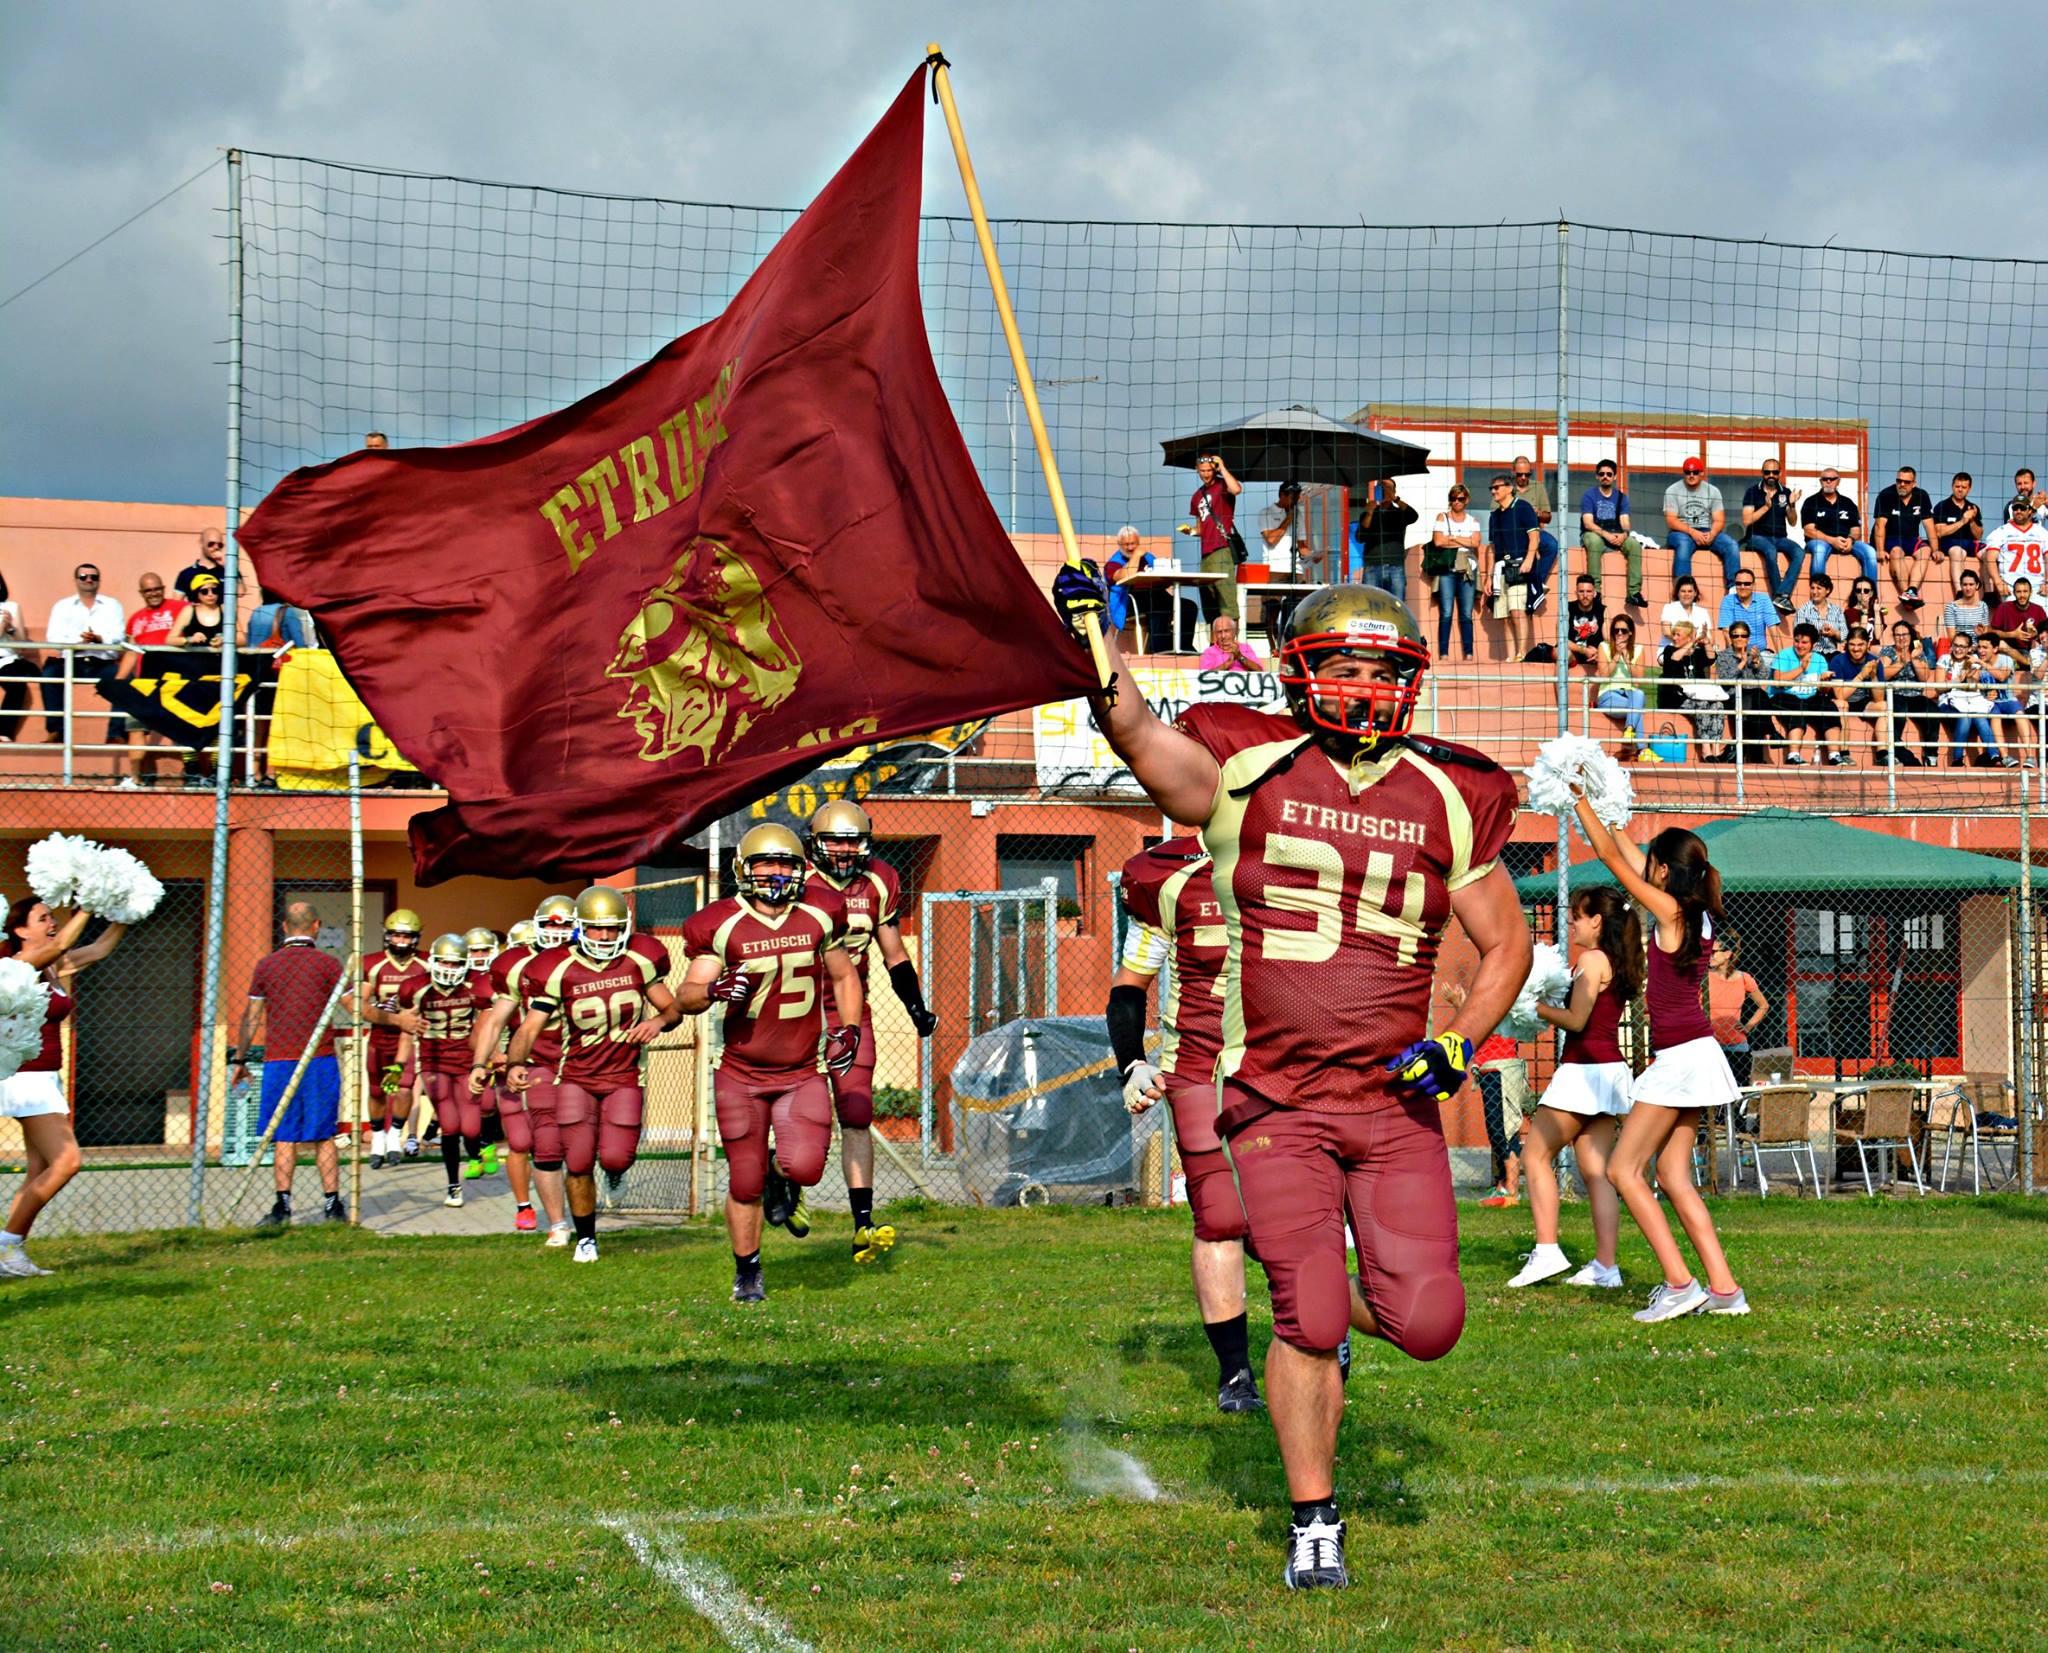 flag grazie etruschi